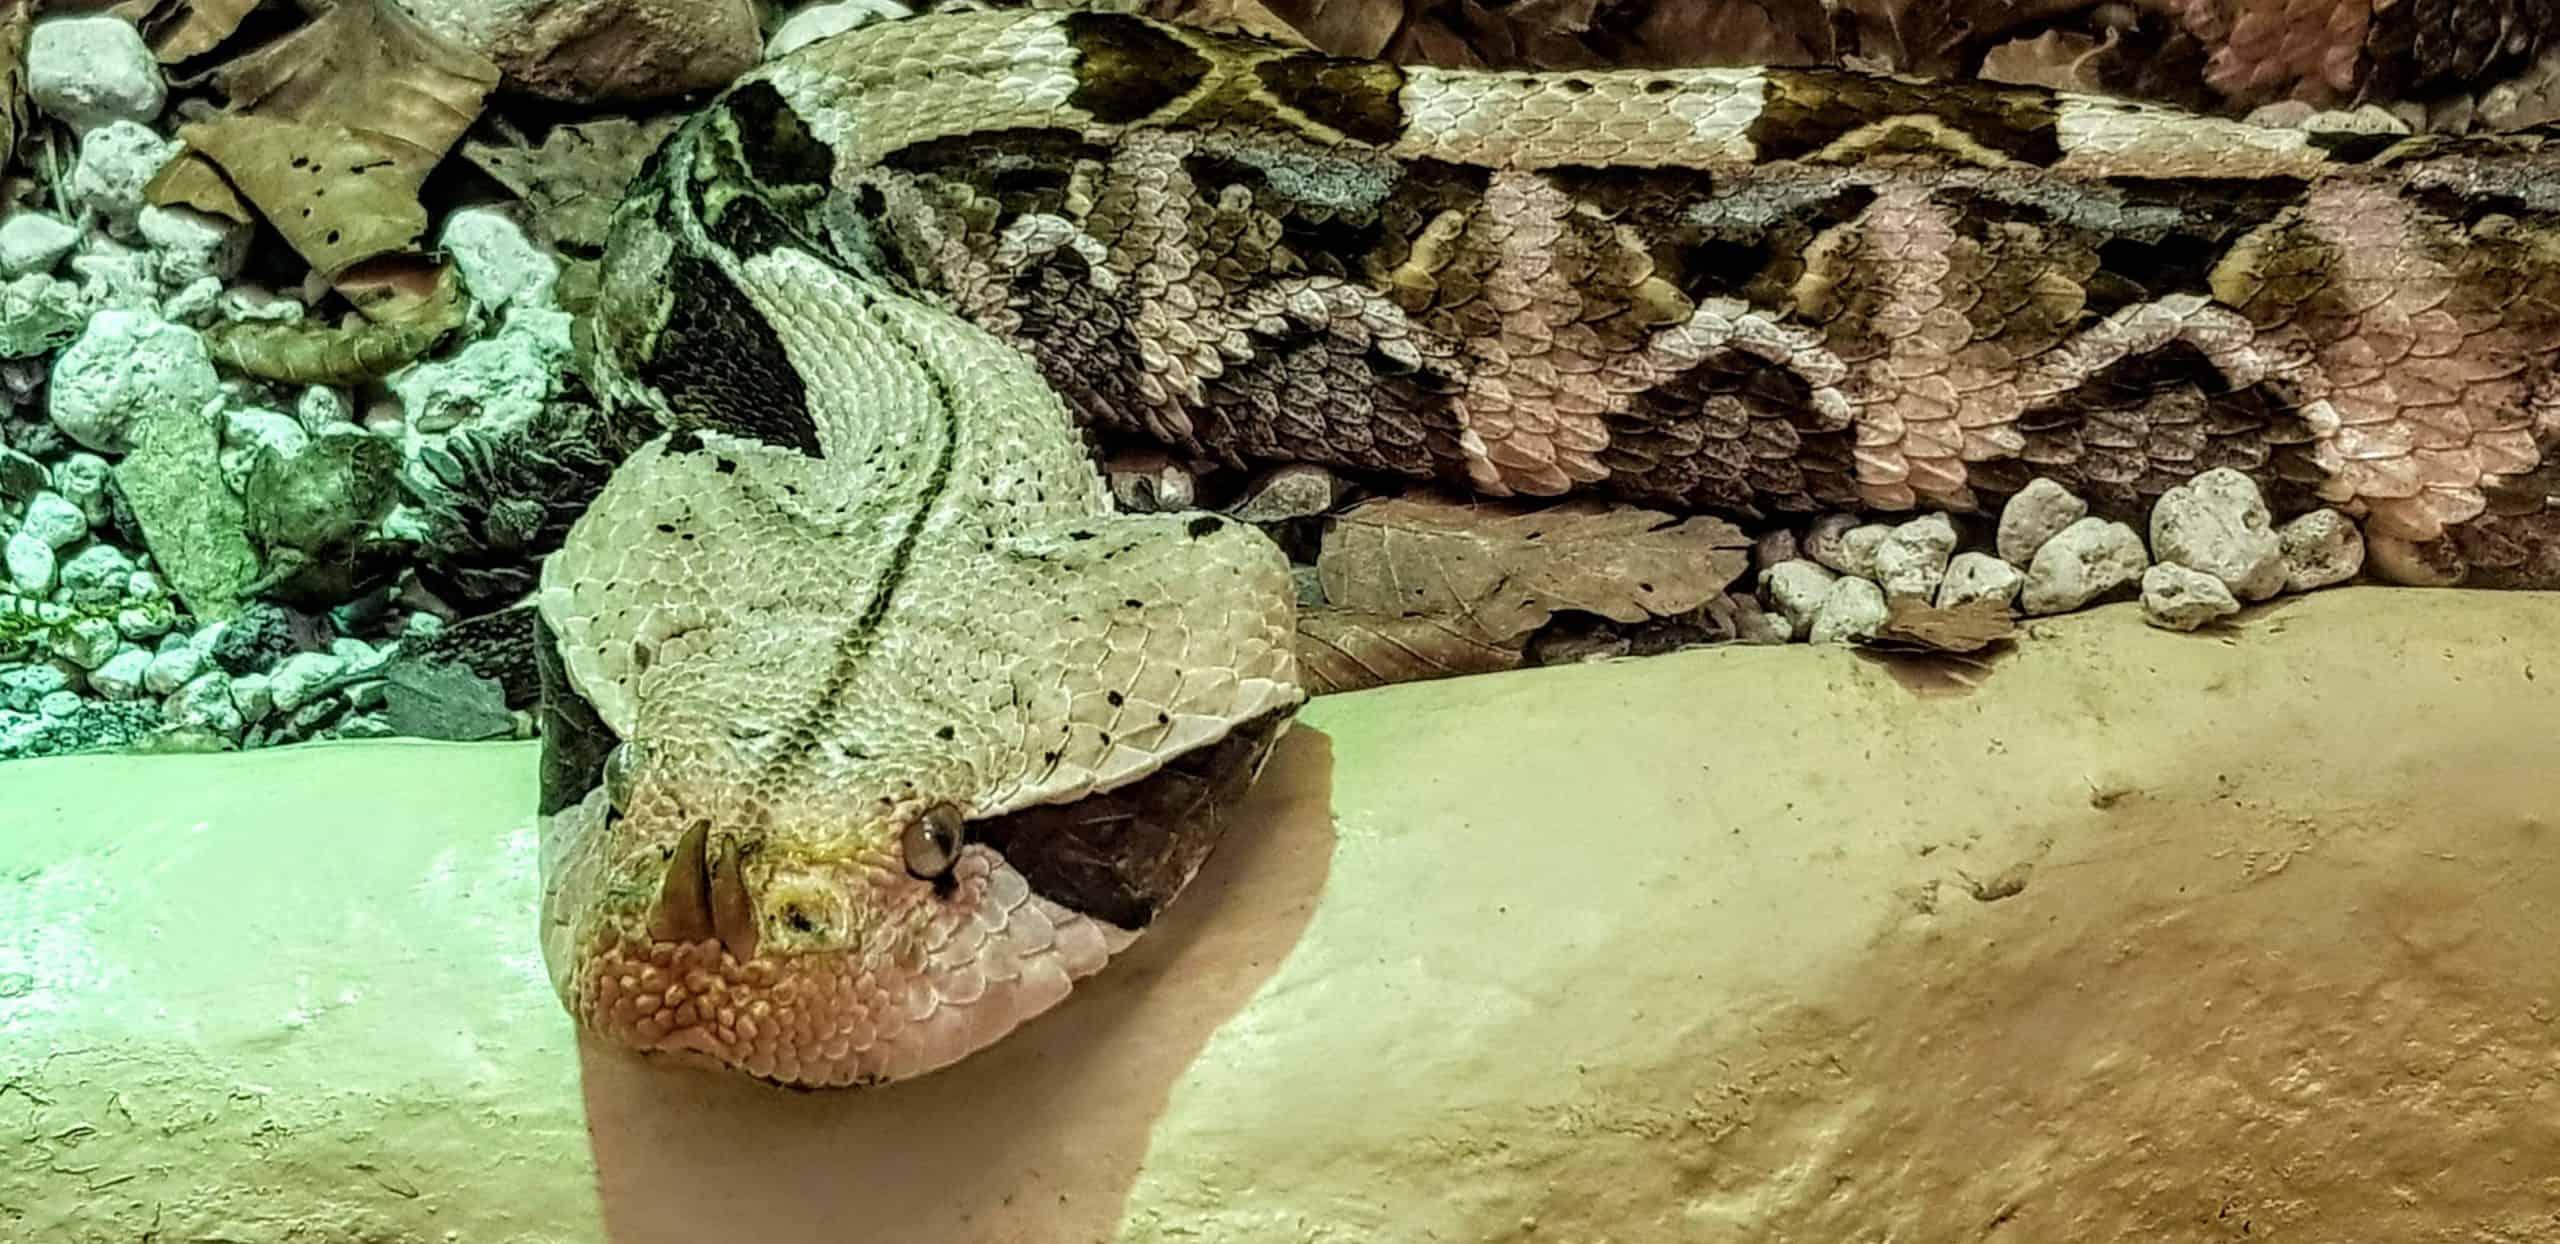 Giftschlangen im Reptilienzoo Happ am Wörthersee in Österreich. Tier-Patenschaften möglich.